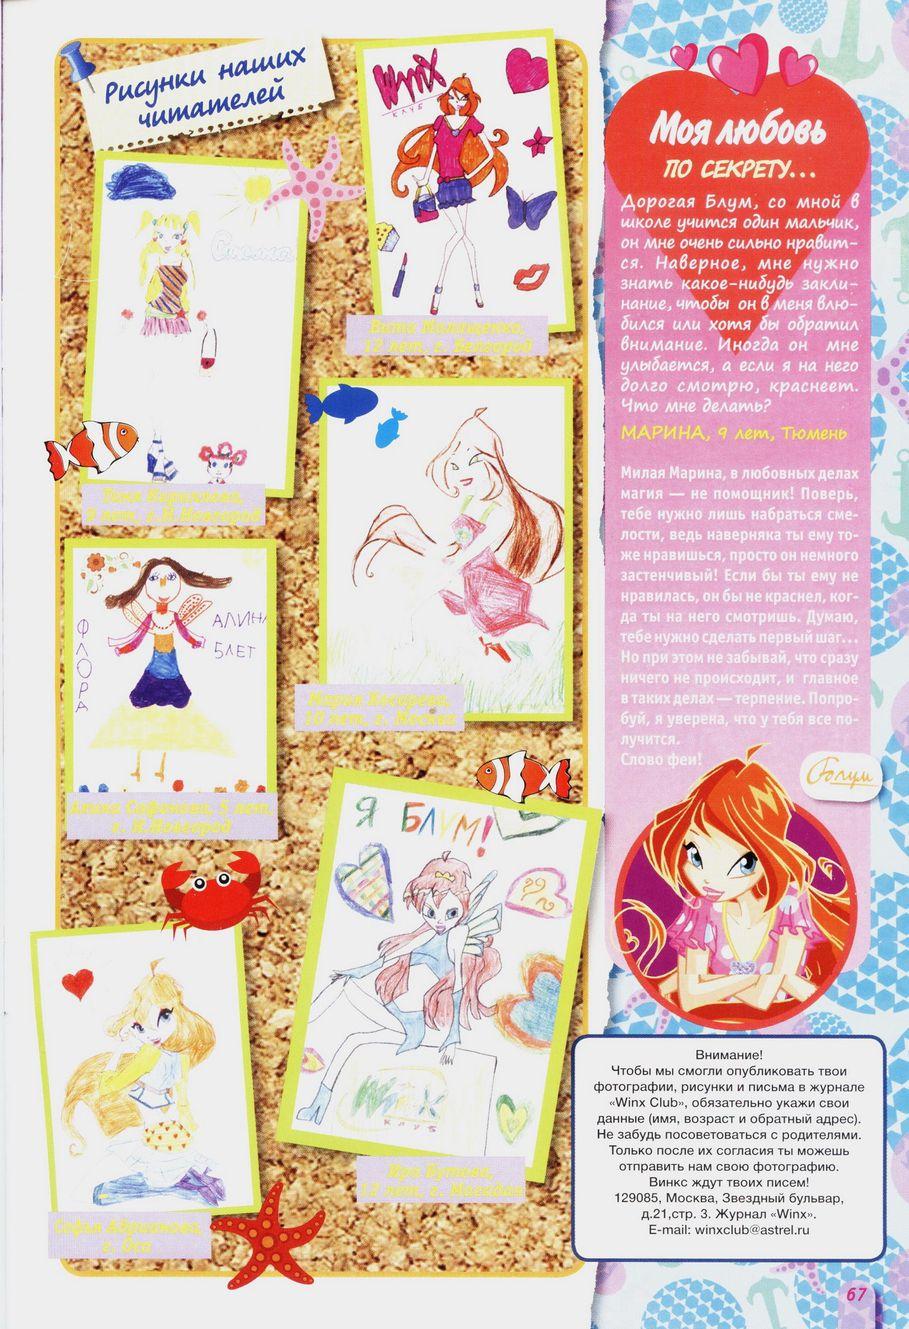 Комикс Винкс Winx - Месть моря (Журнал Винкс №4 2011) - стр. 67